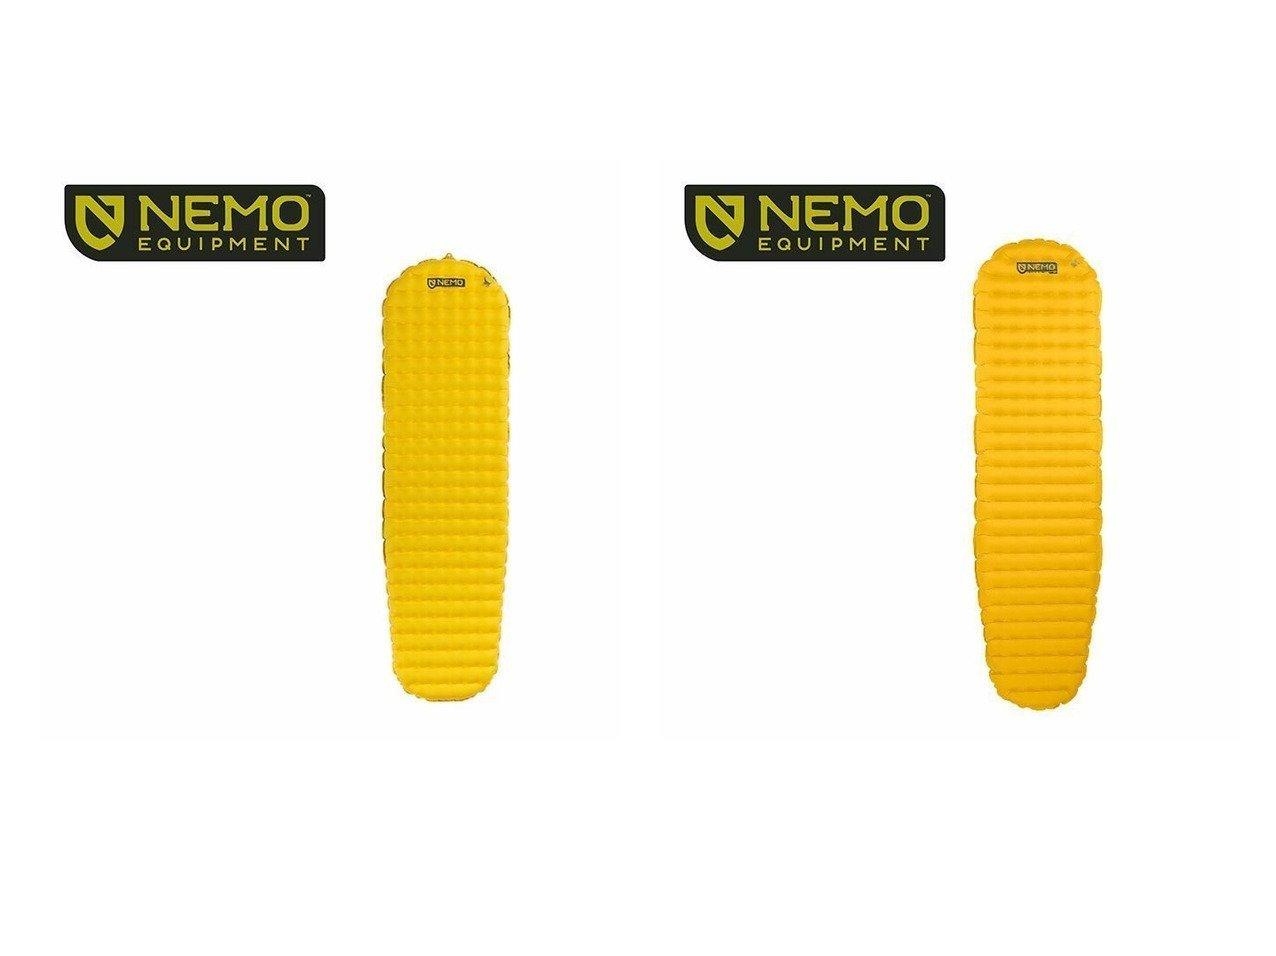 【NEMO Equipment/ニーモイクイップメント】のテンサー インシュレーテッド レギュラー マミー&テンサー レギュラー マミー おすすめ!人気キャンプ・アウトドア用品の通販 おすすめファッション通販アイテム インテリア・キッズ・メンズ・レディースファッション・服の通販 founy(ファニー)  ファッション Fashion メンズファッション MEN フレーム レギュラー |ID:crp329100000037443